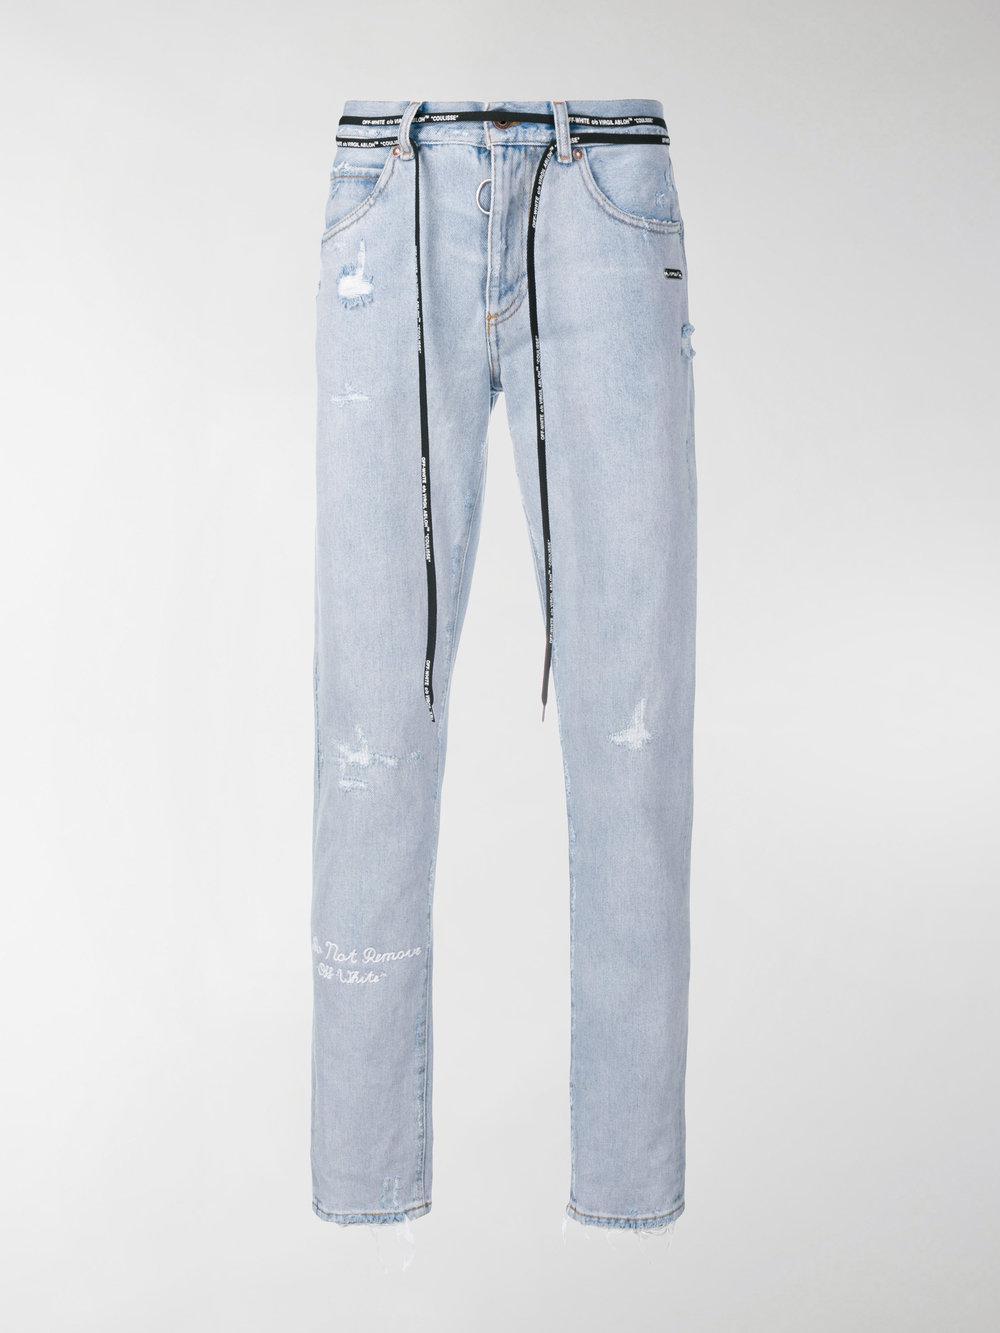 00ecc257 Off-White c/o Virgil Abloh Distressed Firetape Jeans in Blue for Men ...